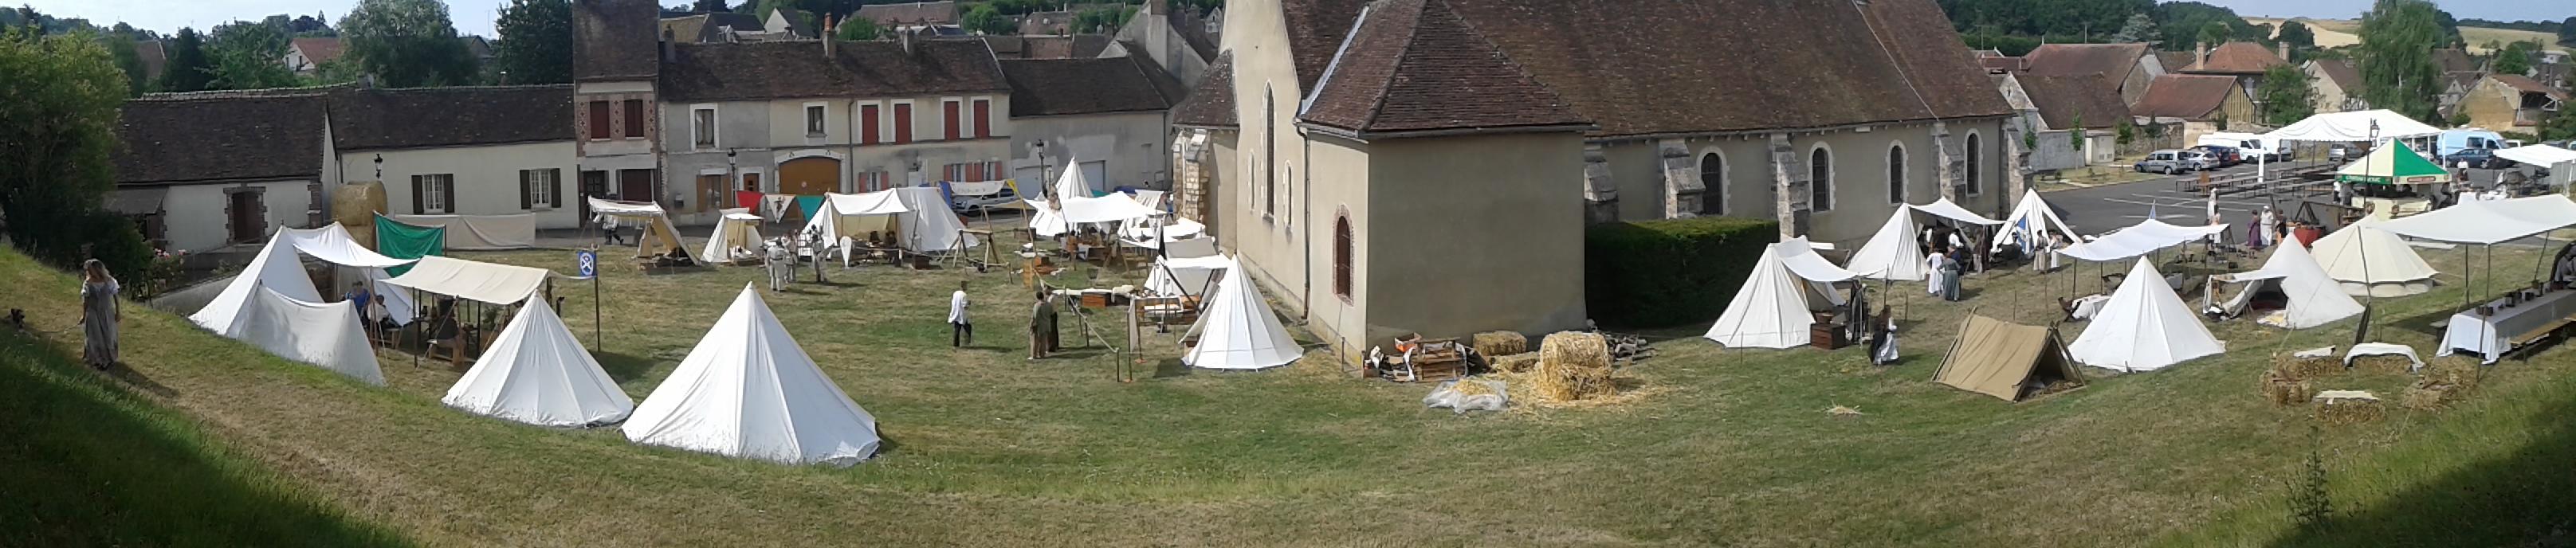 Les campements médiévaux s'installe autour de l'église de Cerisiers